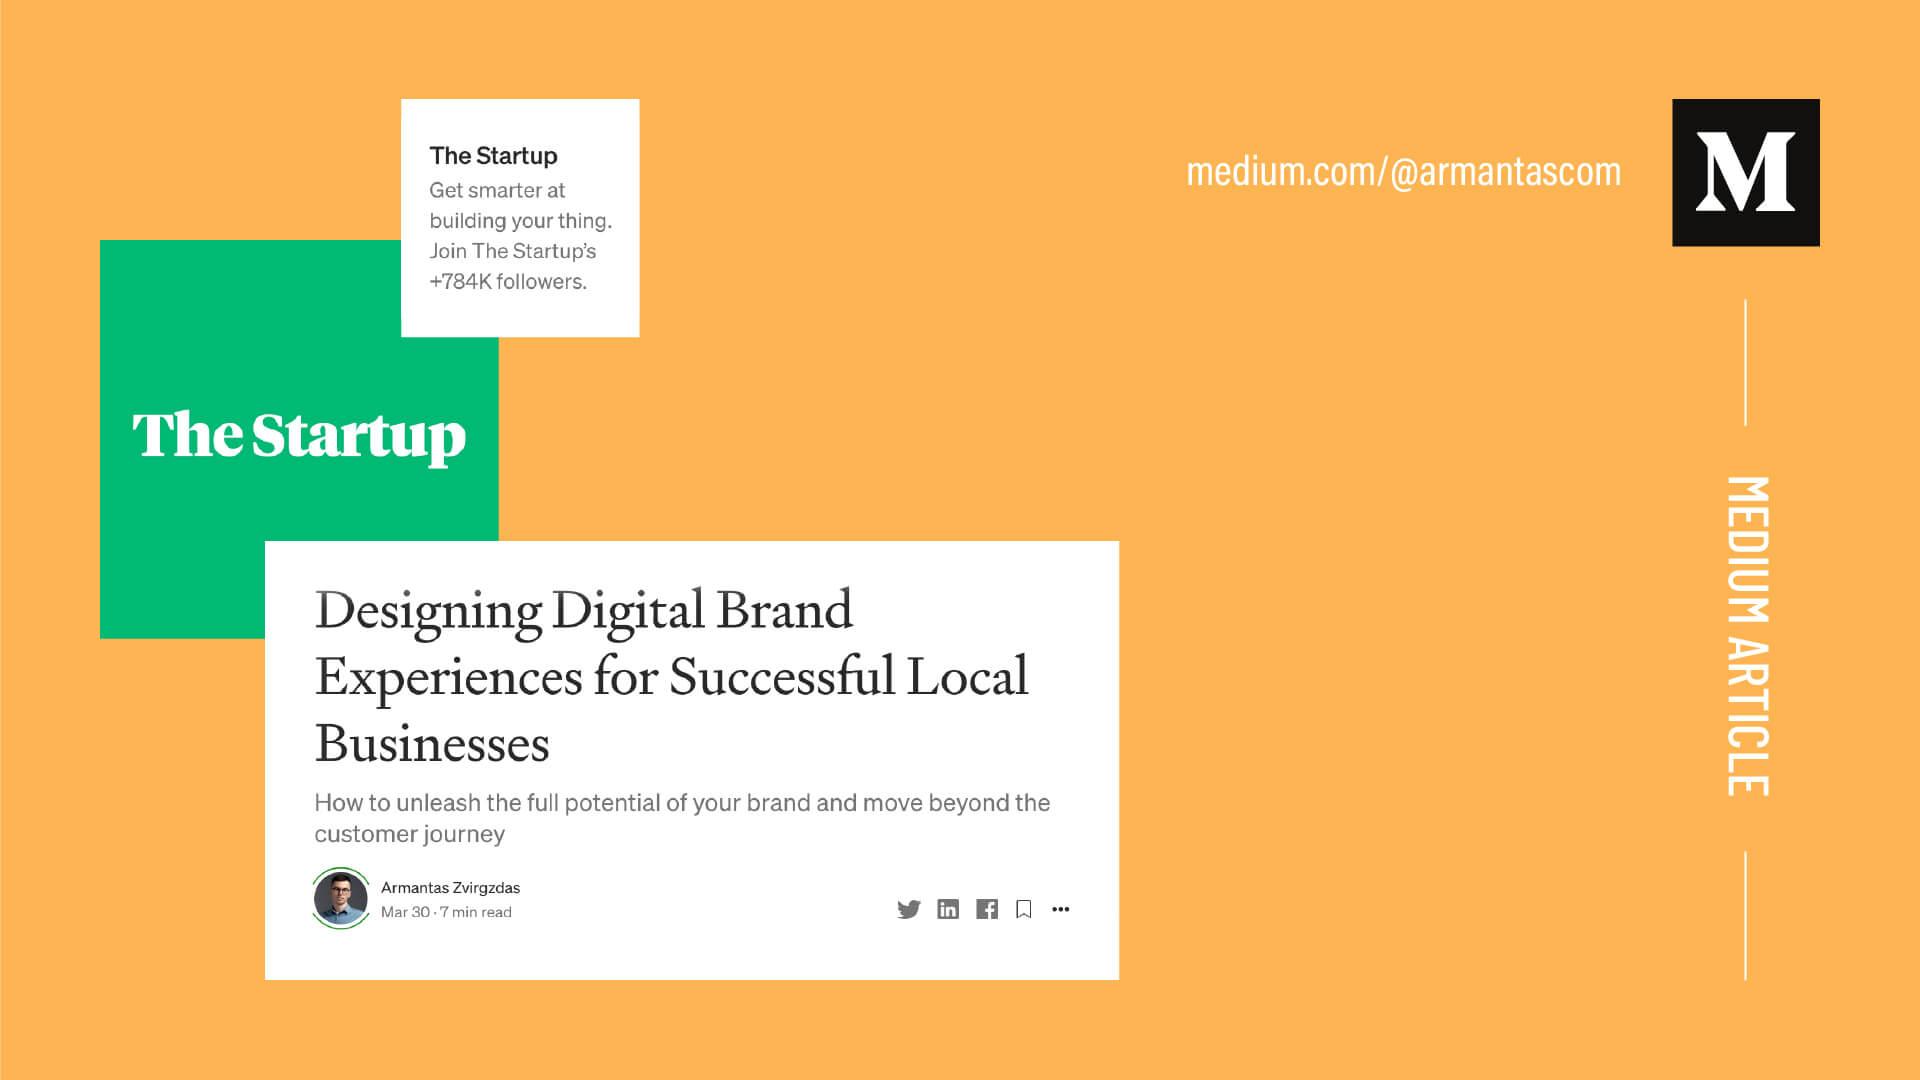 designing-digital-brand-experiences-for-successful-local-businesses-medium-article